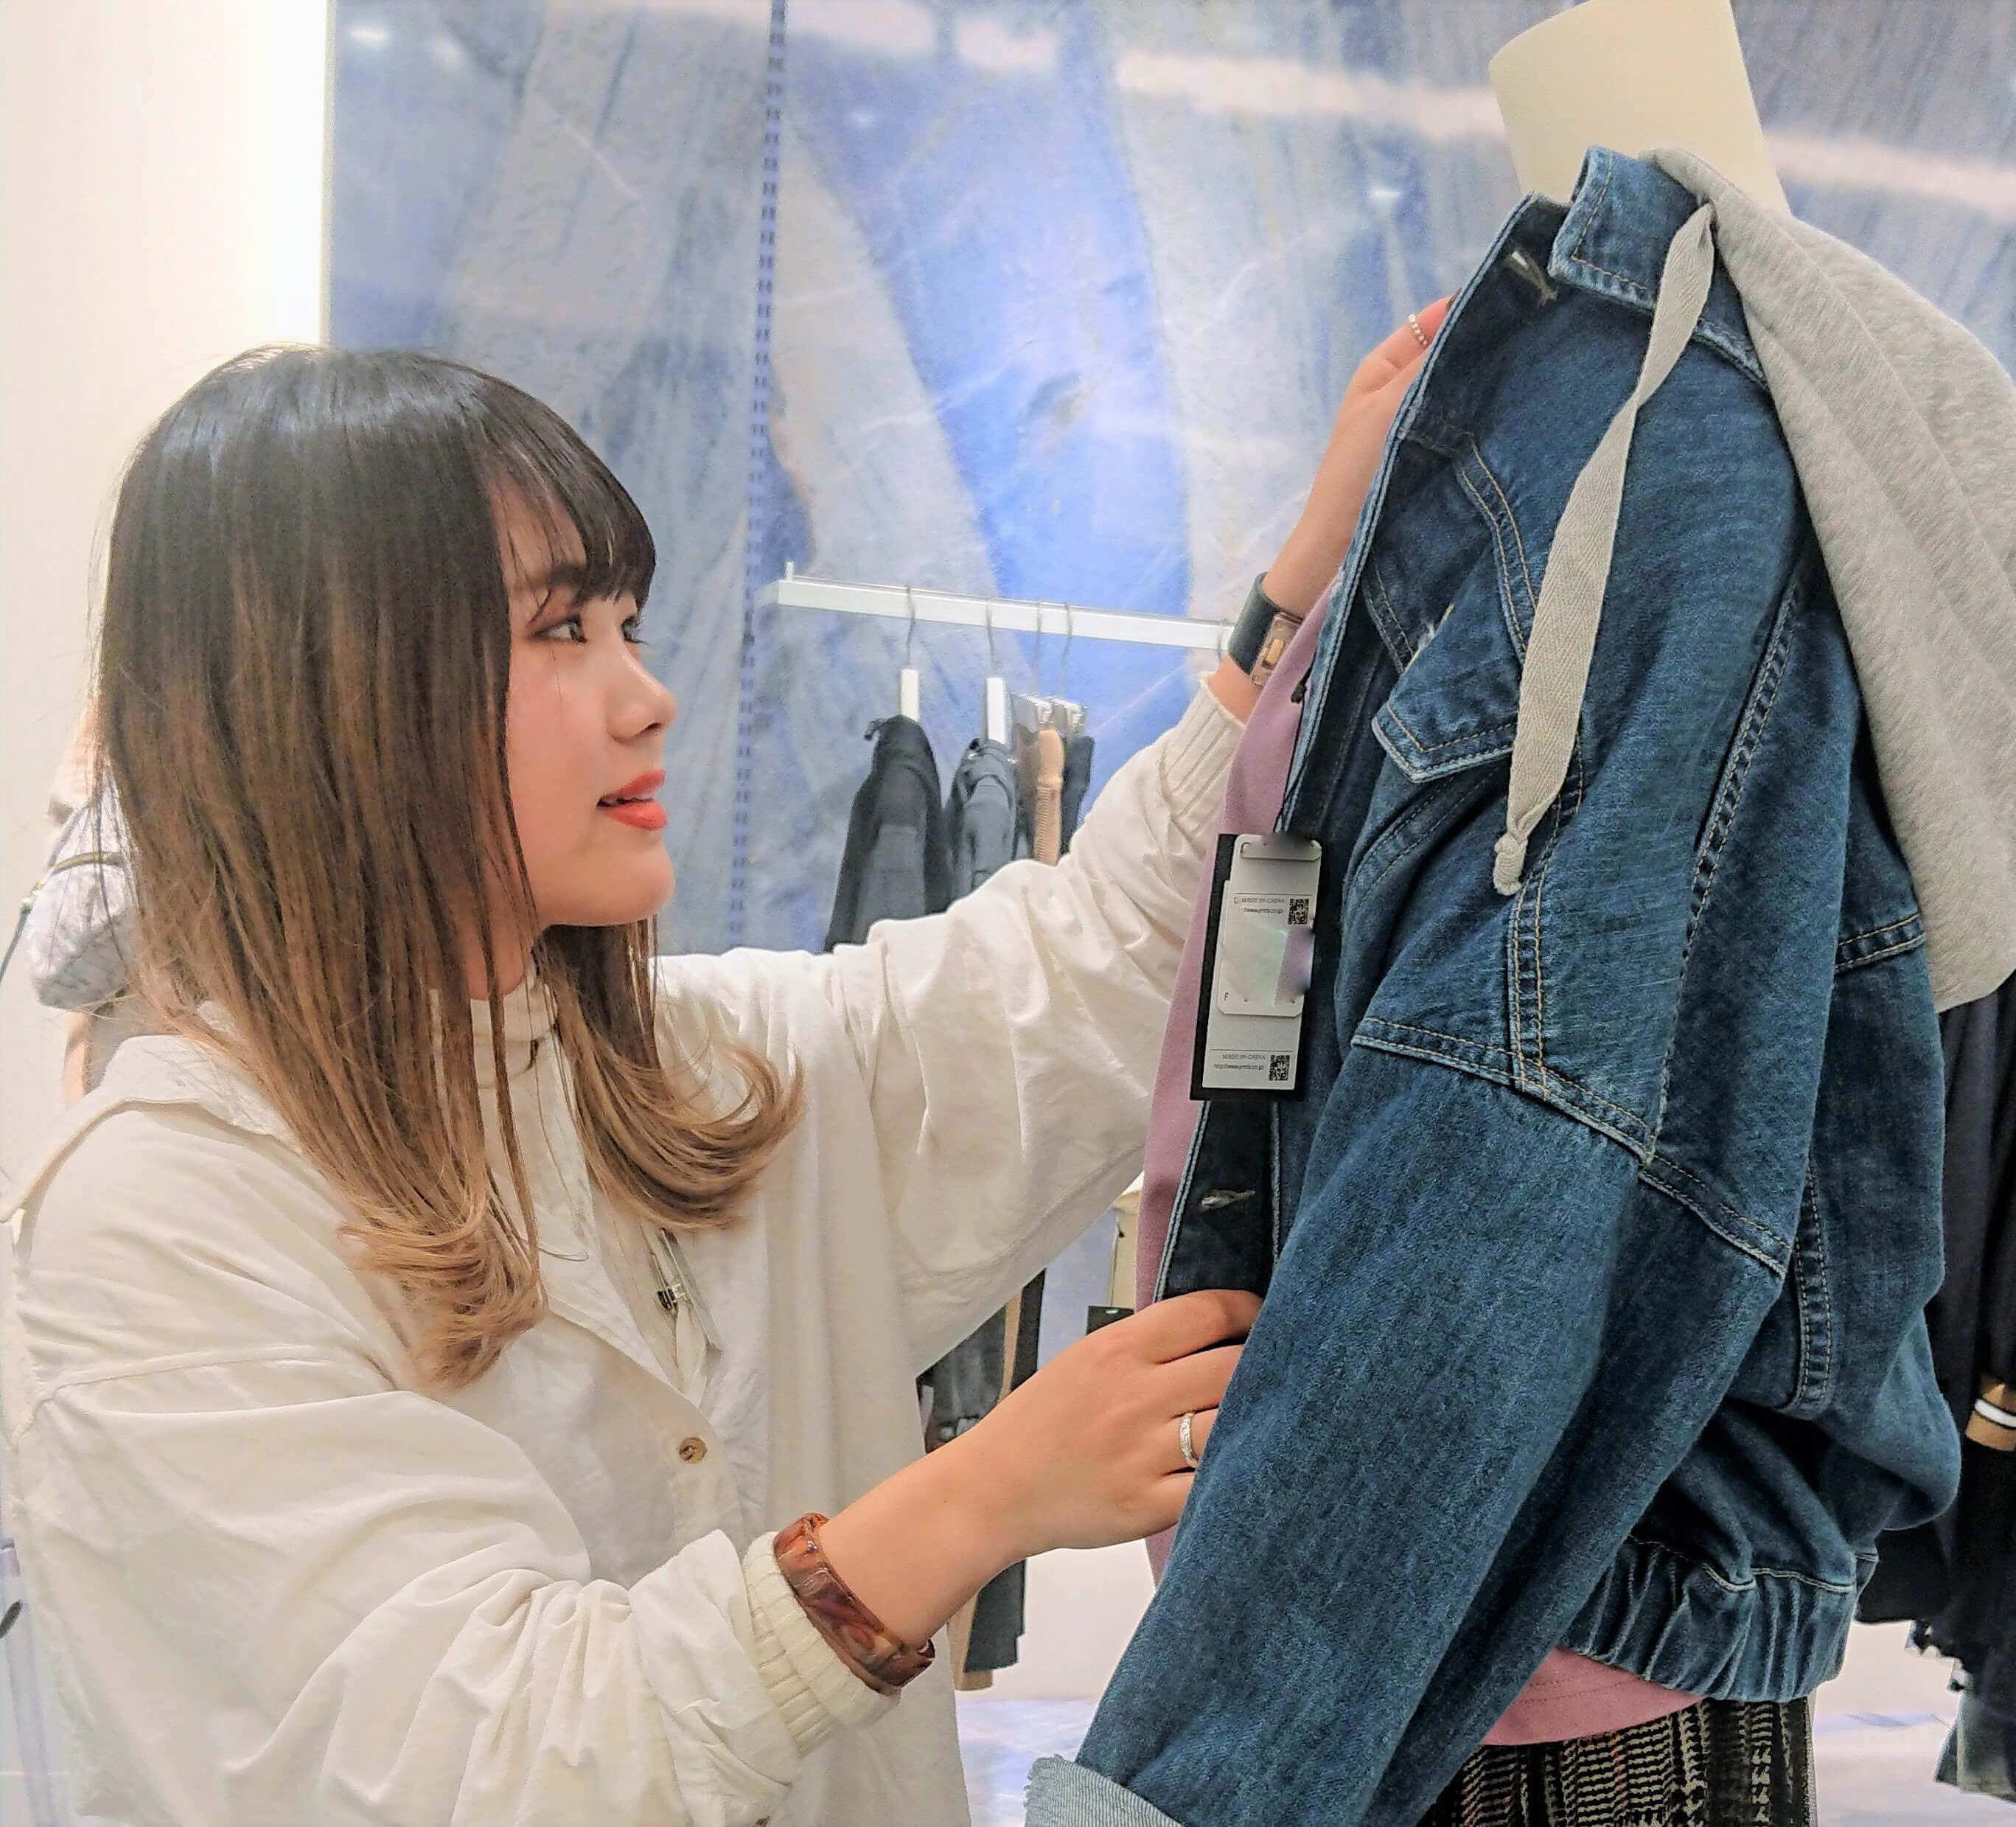 ★熊本★自分らしさを大切にした接客スタイルで働けるファッションアドバイザー募集のカバー写真